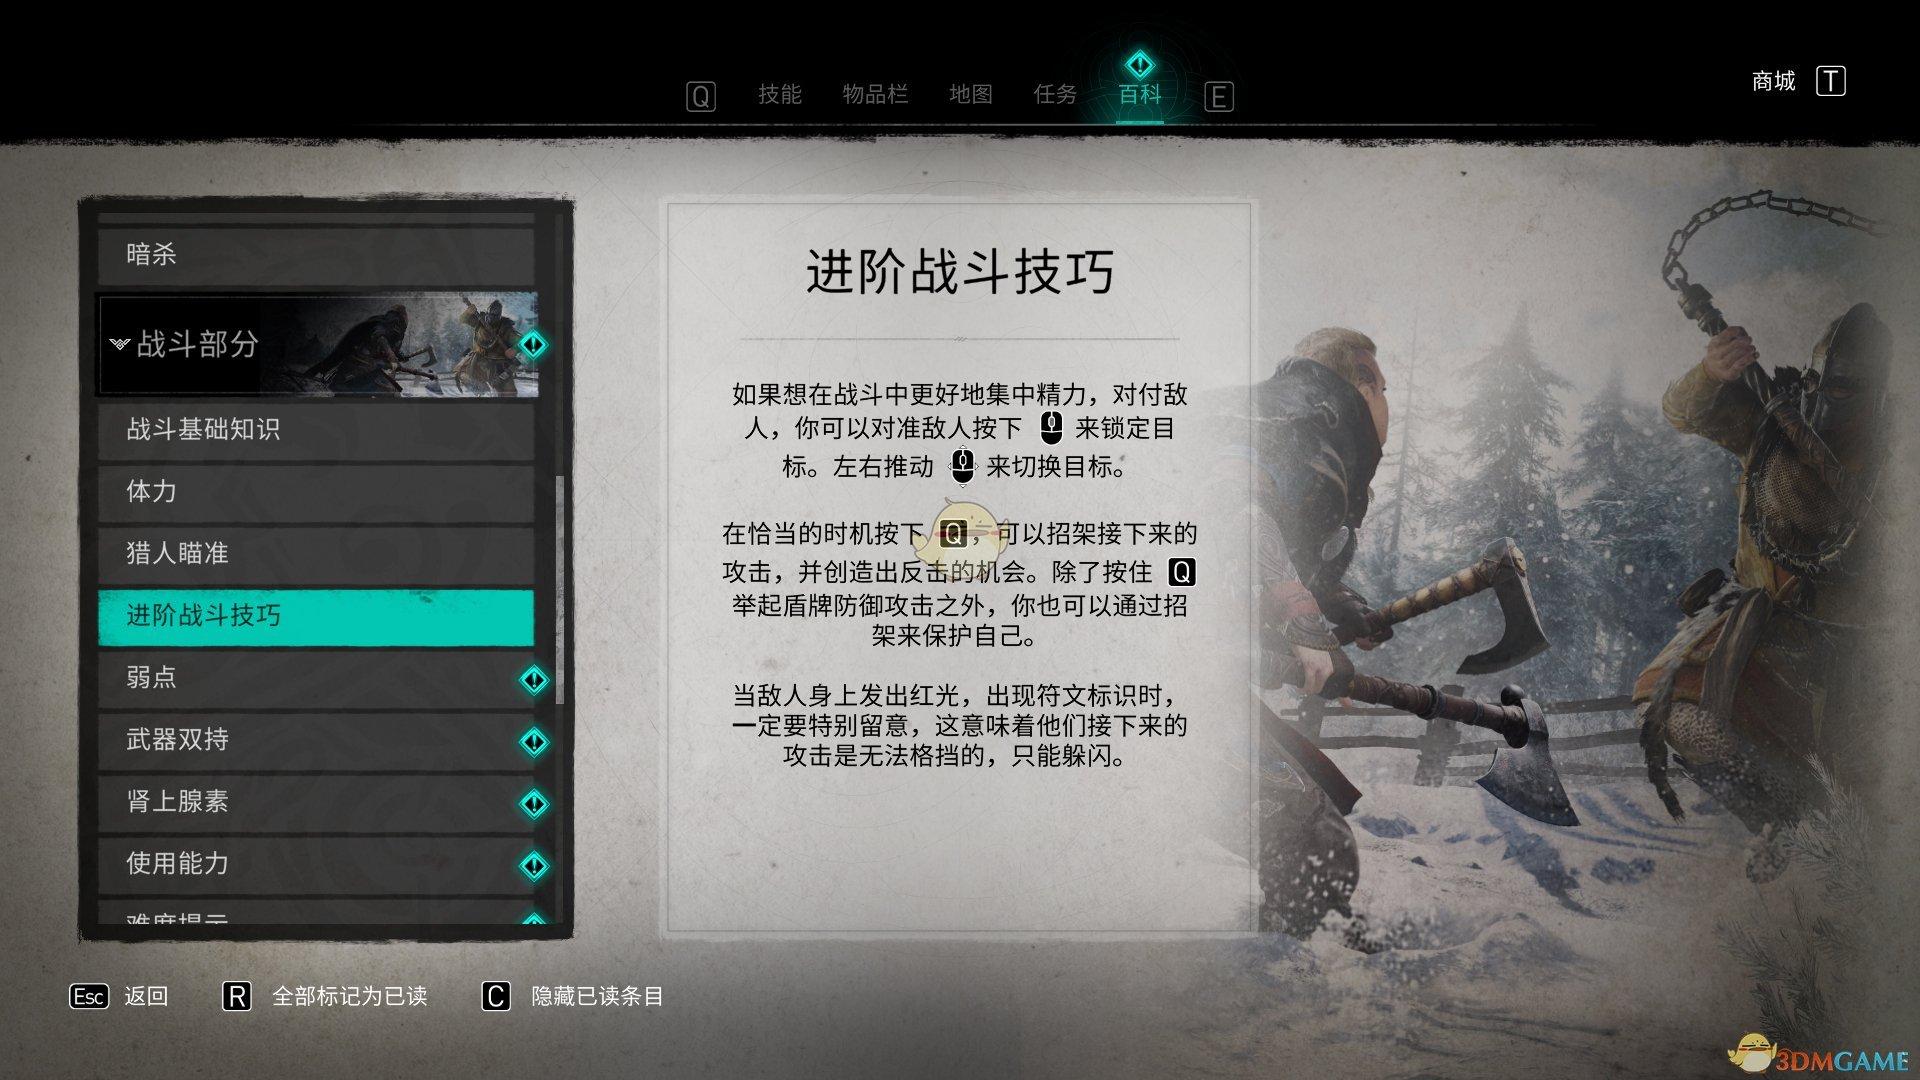 《刺客信条:英灵殿》进阶战斗技巧介绍